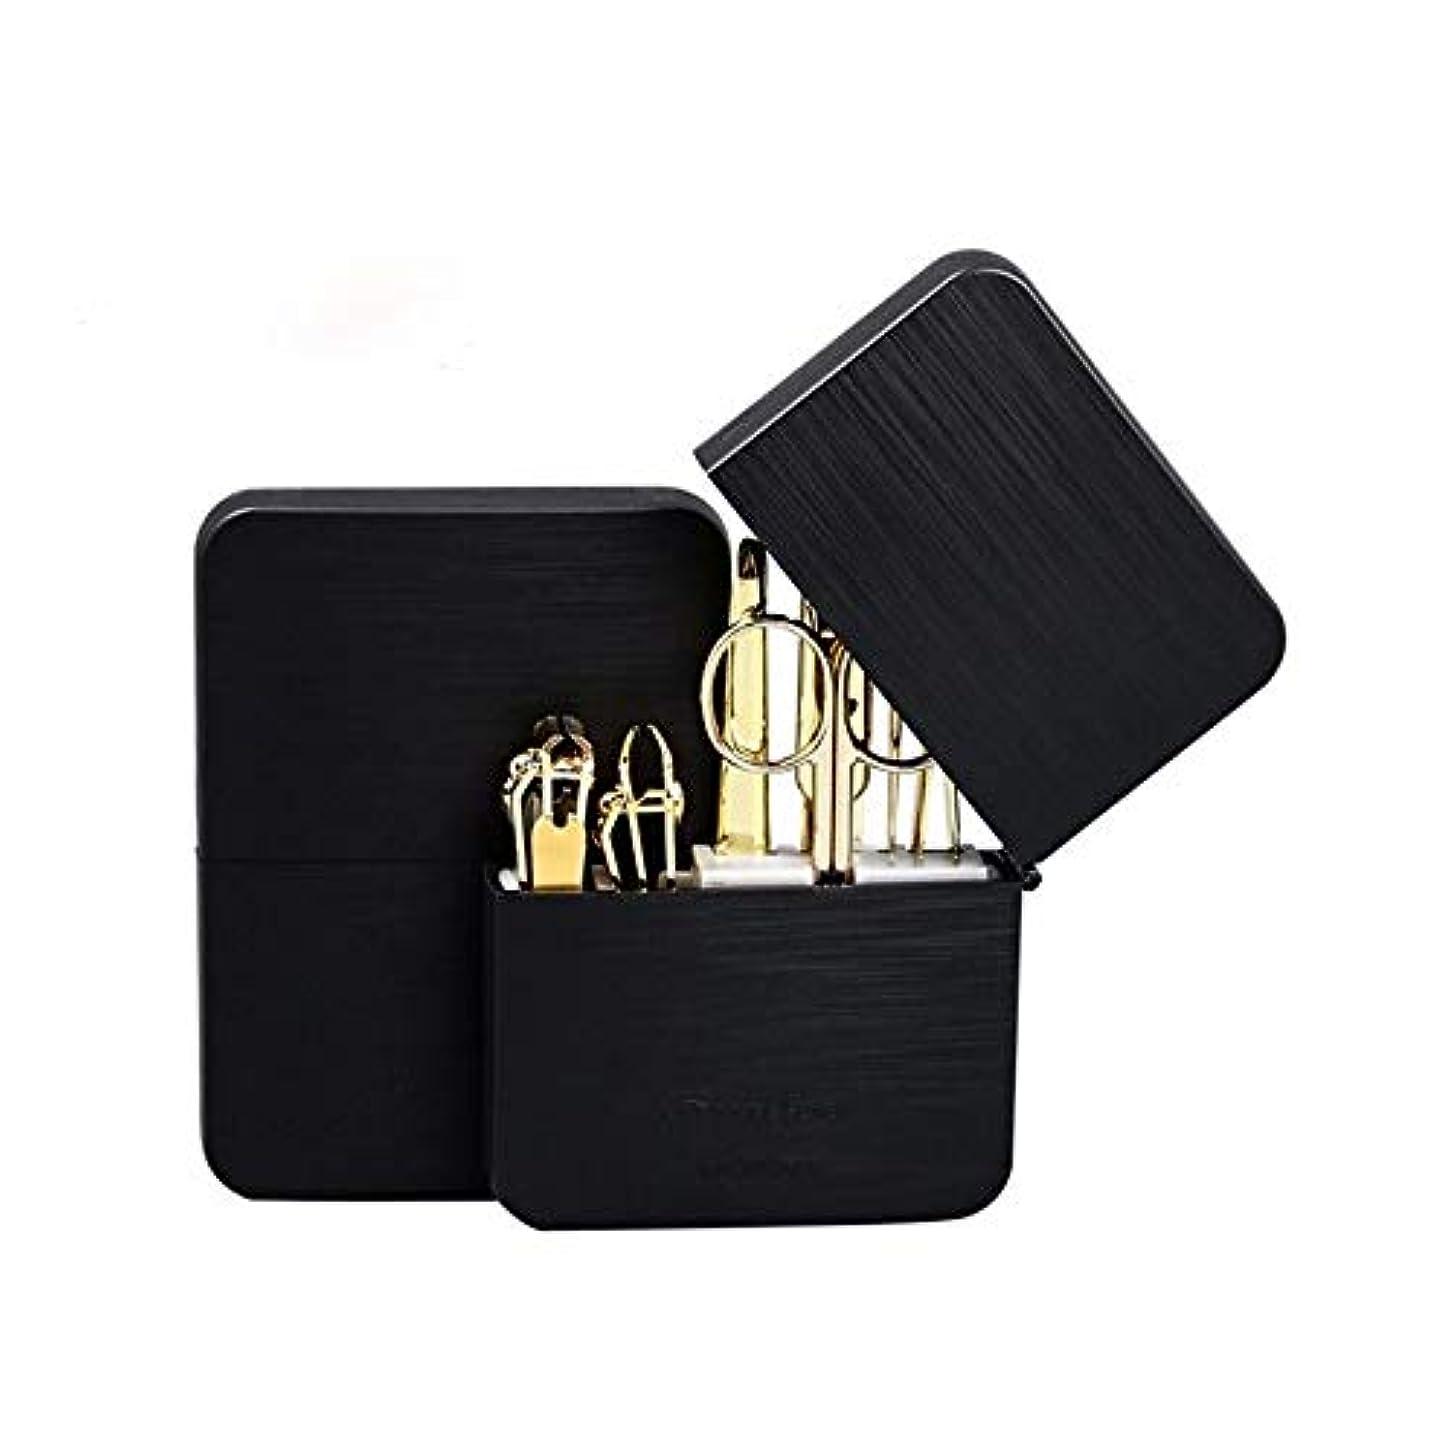 対抗取得レクリエーションCHAHANG ネイルクリッパーネイルはさみペディキュアナイフErshao修理パーソナルケアポートフォリオゴールドシルバーアクセサリーボックスの7セット (Color : Black1)